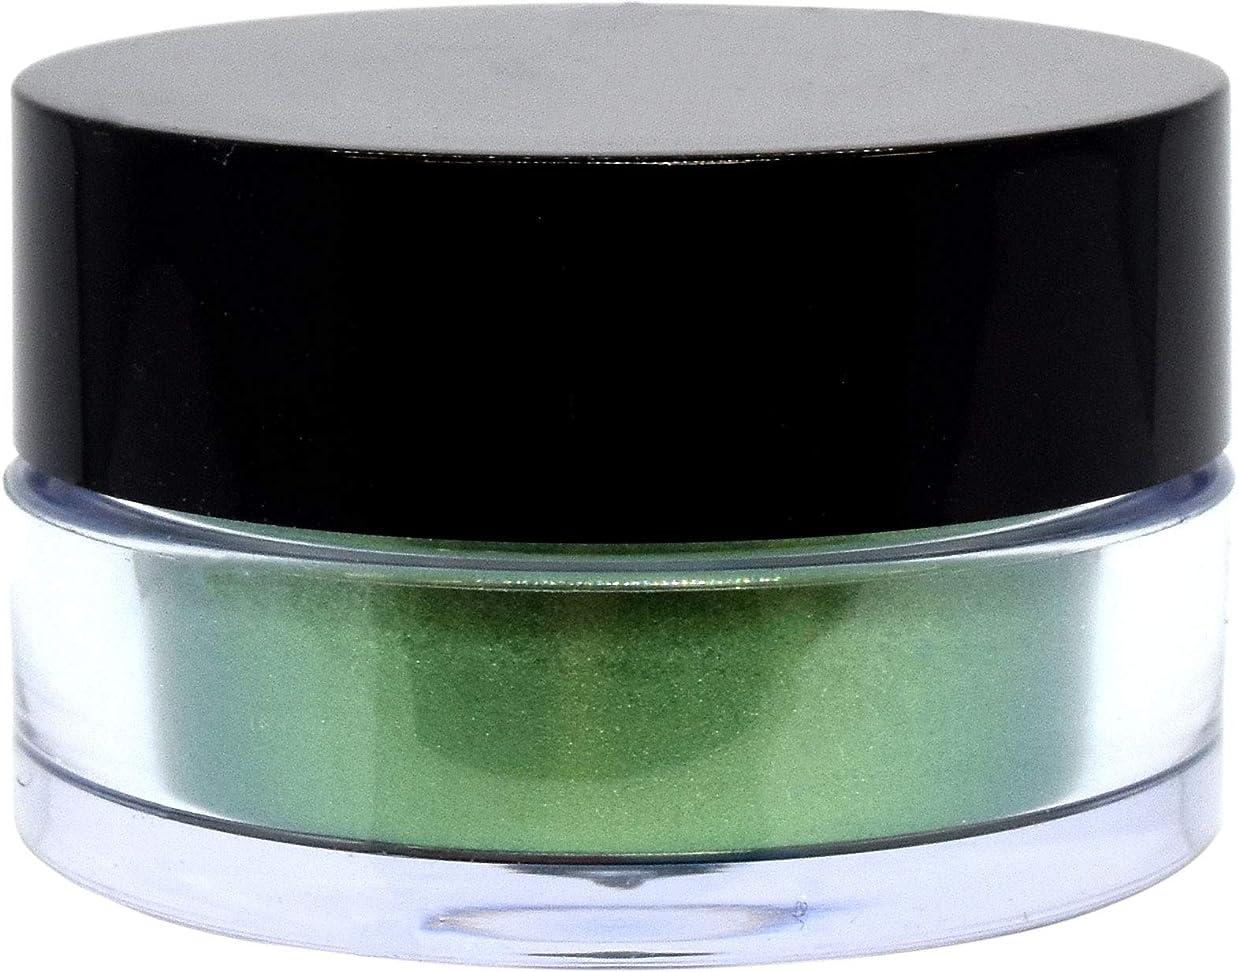 満員安定した論争的三善 プチカラー 高発色 アイシャドウ パール col:11 グリーン系